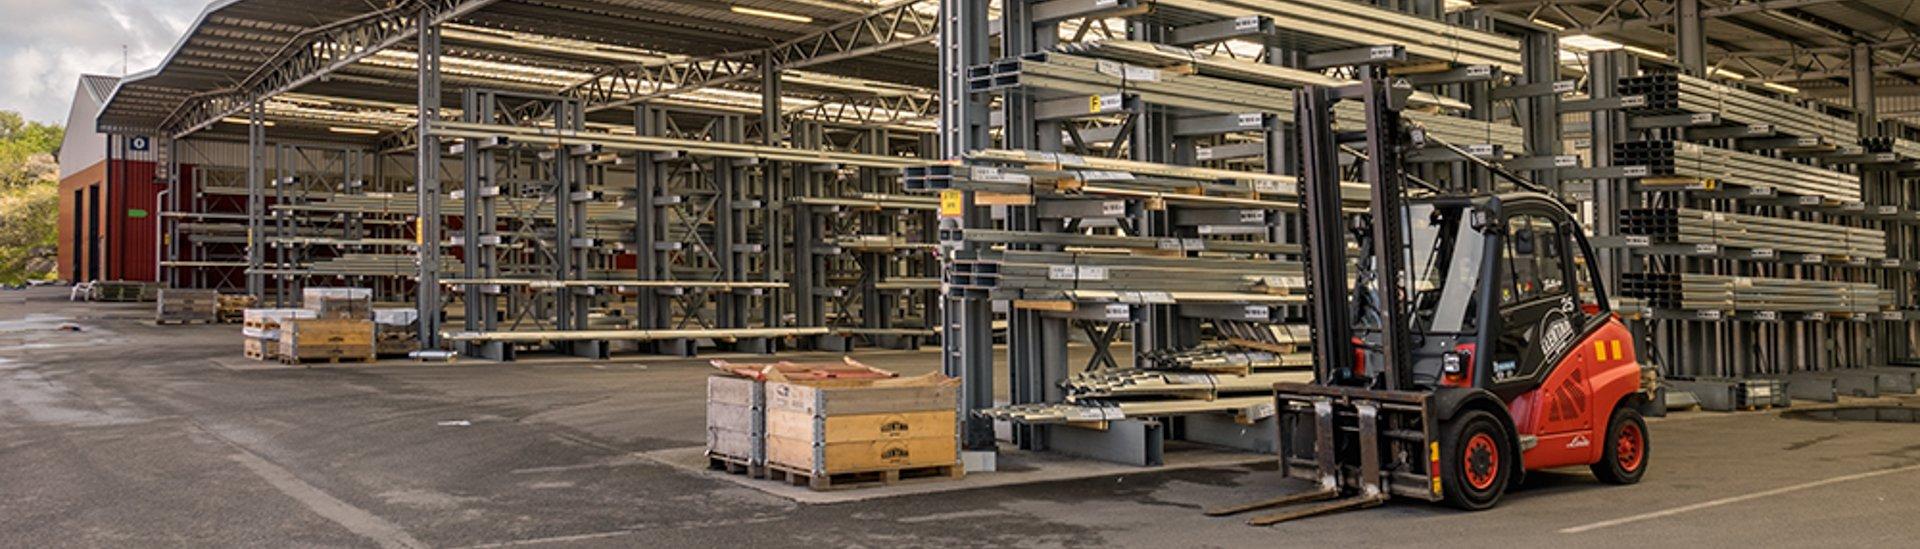 LLENTAB steel profile storage in Kungshamn